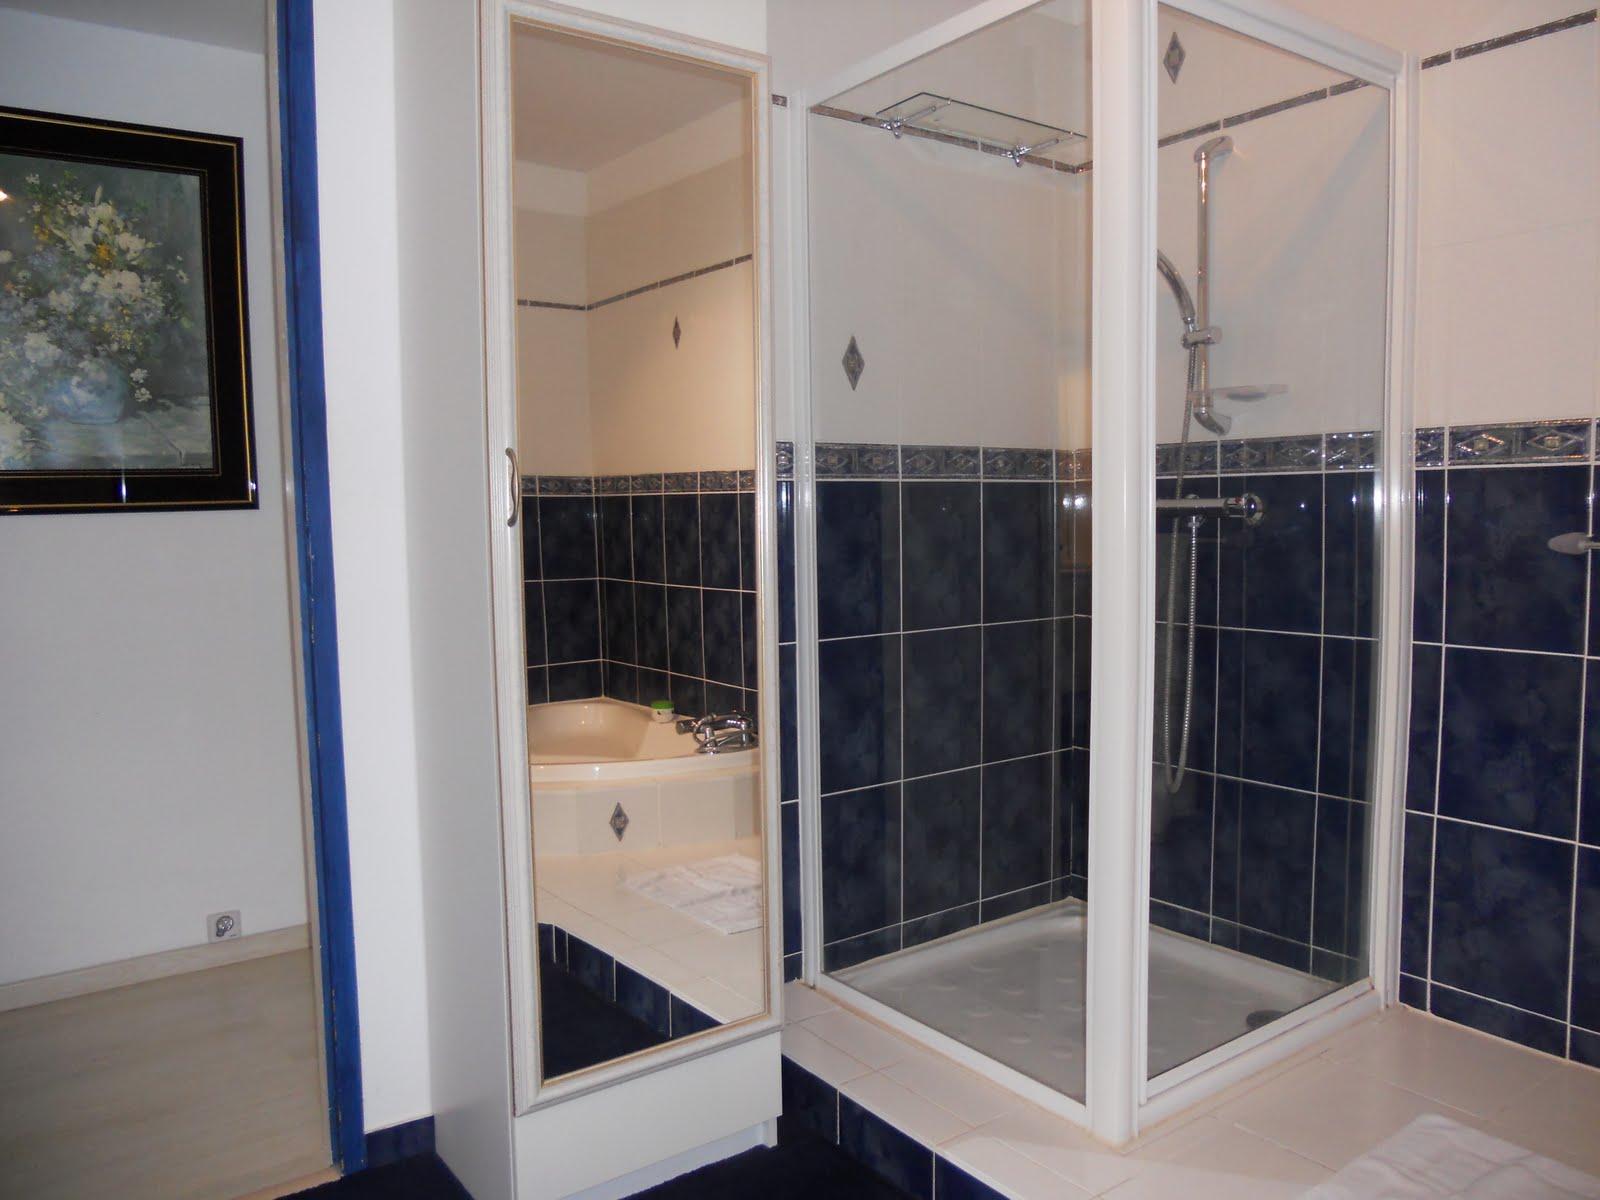 Badkamer Douche Plaatsen : Badkamer van douche van sundert badkamers mooi badkamer douche